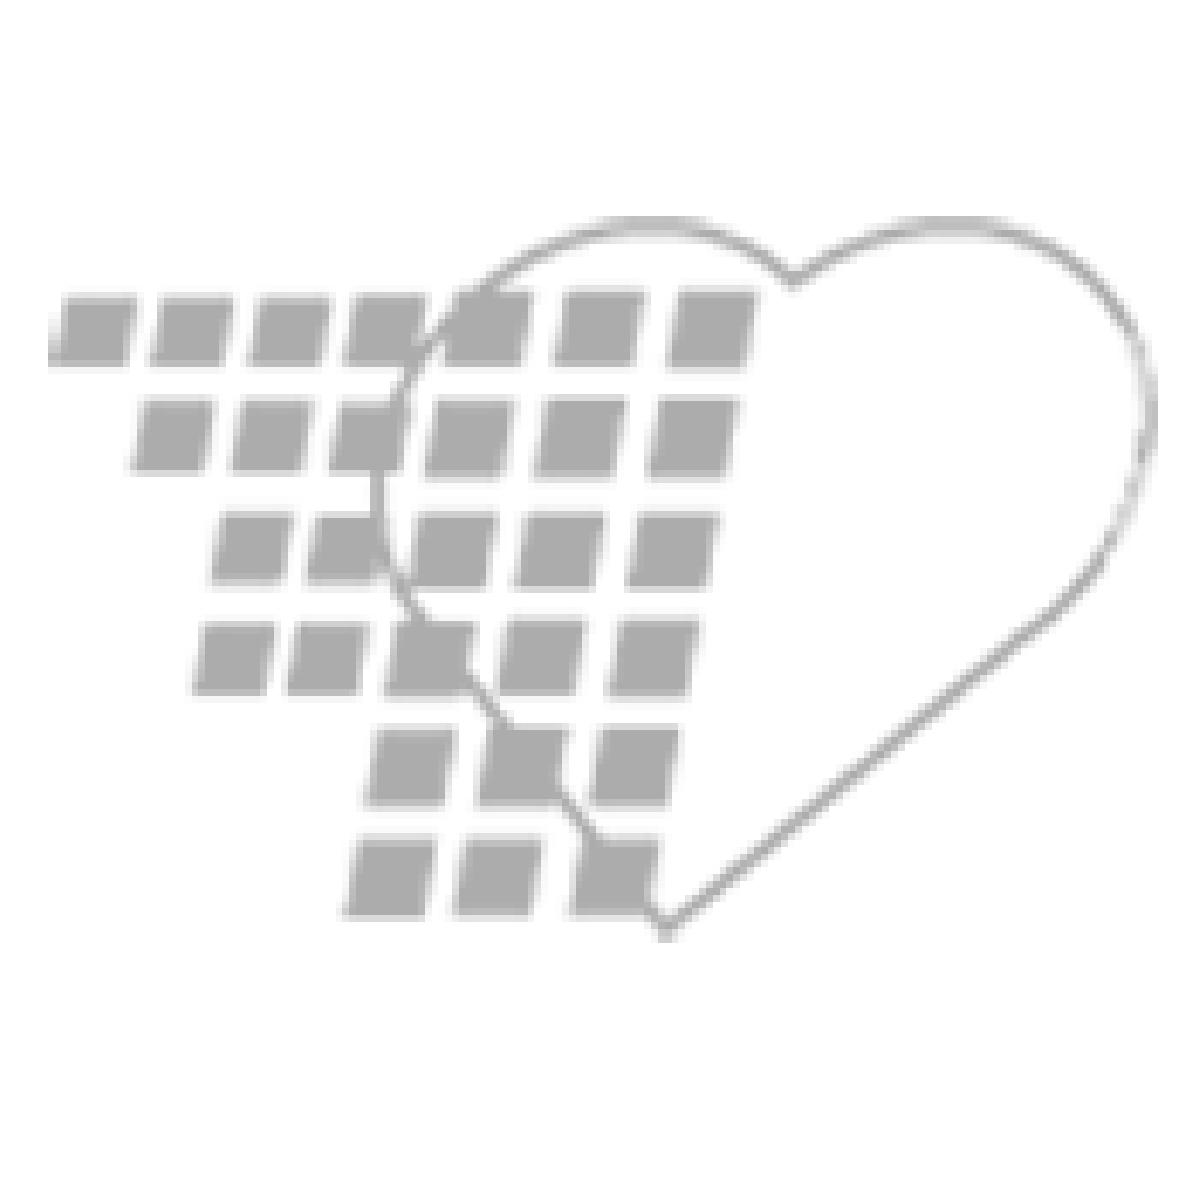 06-50-8554 - Simulated IV Lab Hood